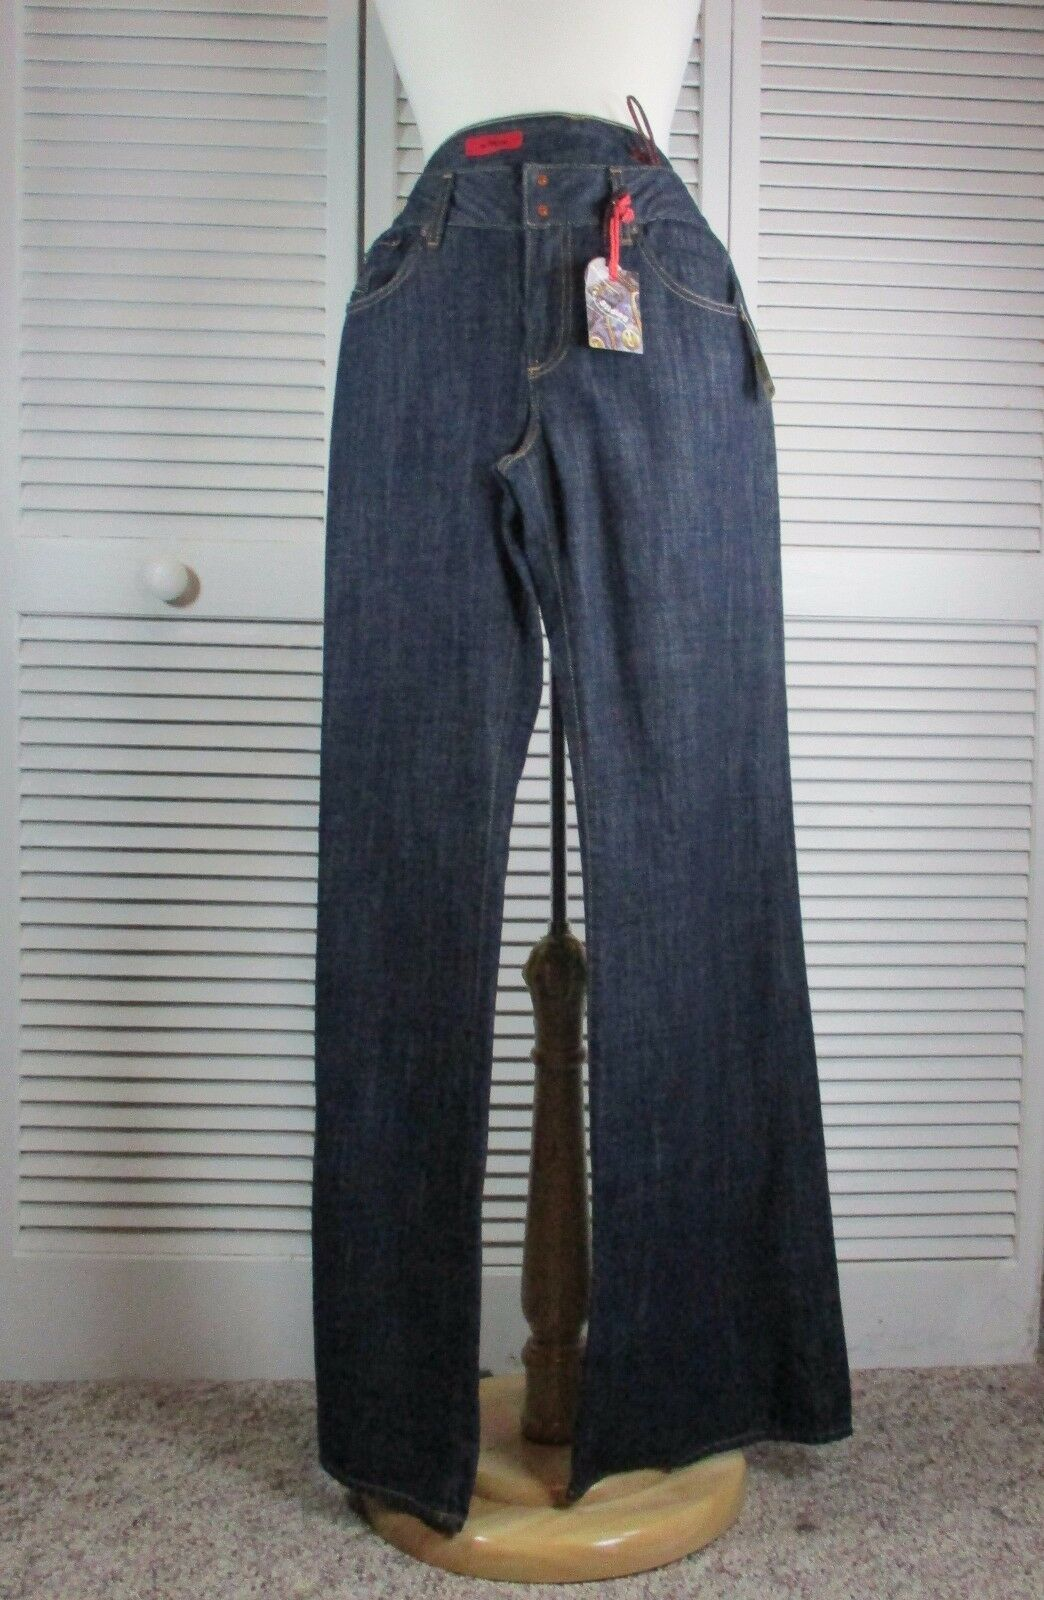 Women's Jeans Adrian goldschmied NWT Mona Jeans s 31 Dark Indigo (s  CMP)